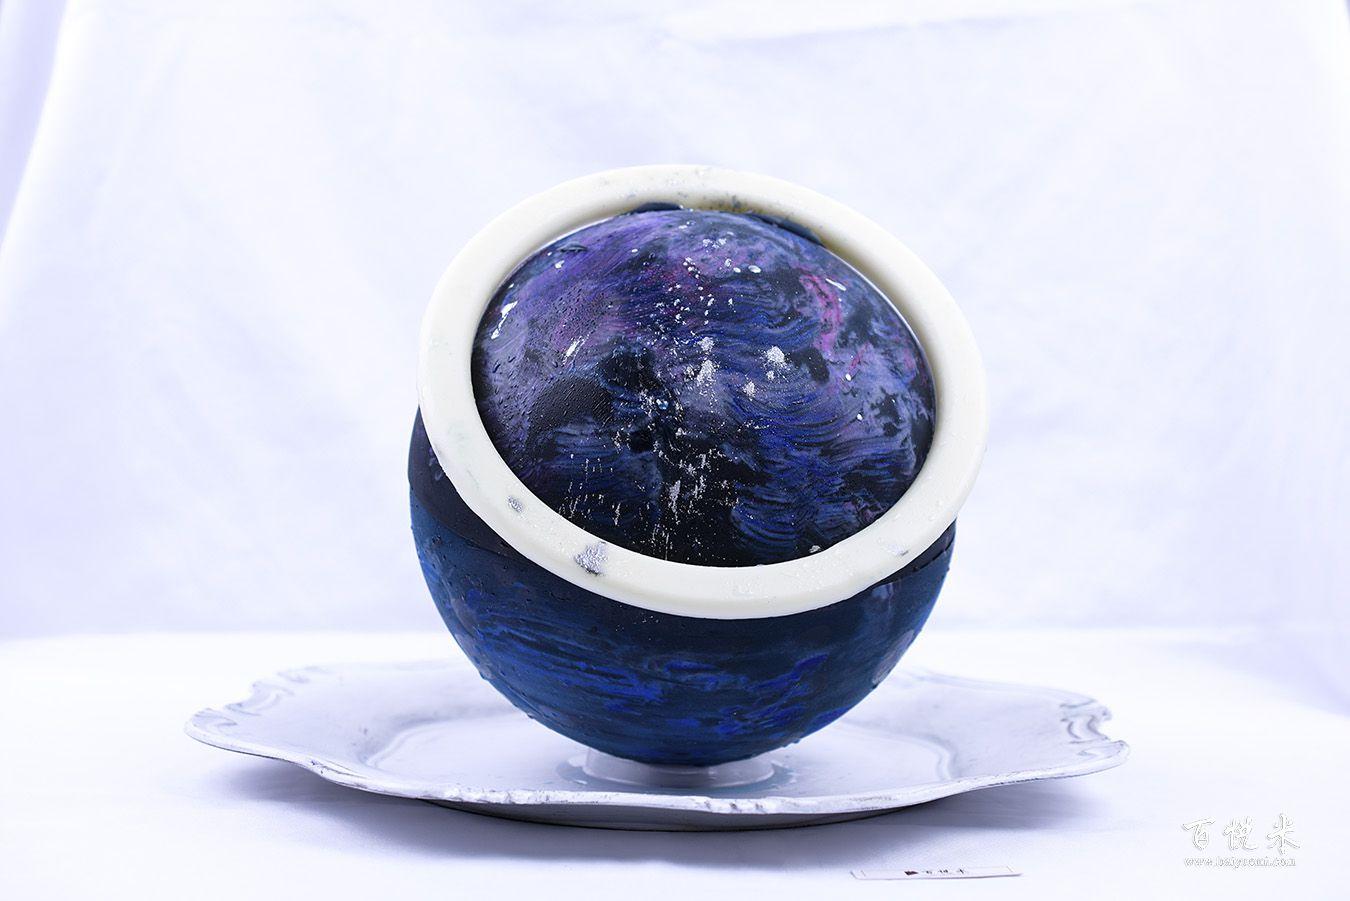 巧克力星球高清图片大全【蛋糕图片】_1224